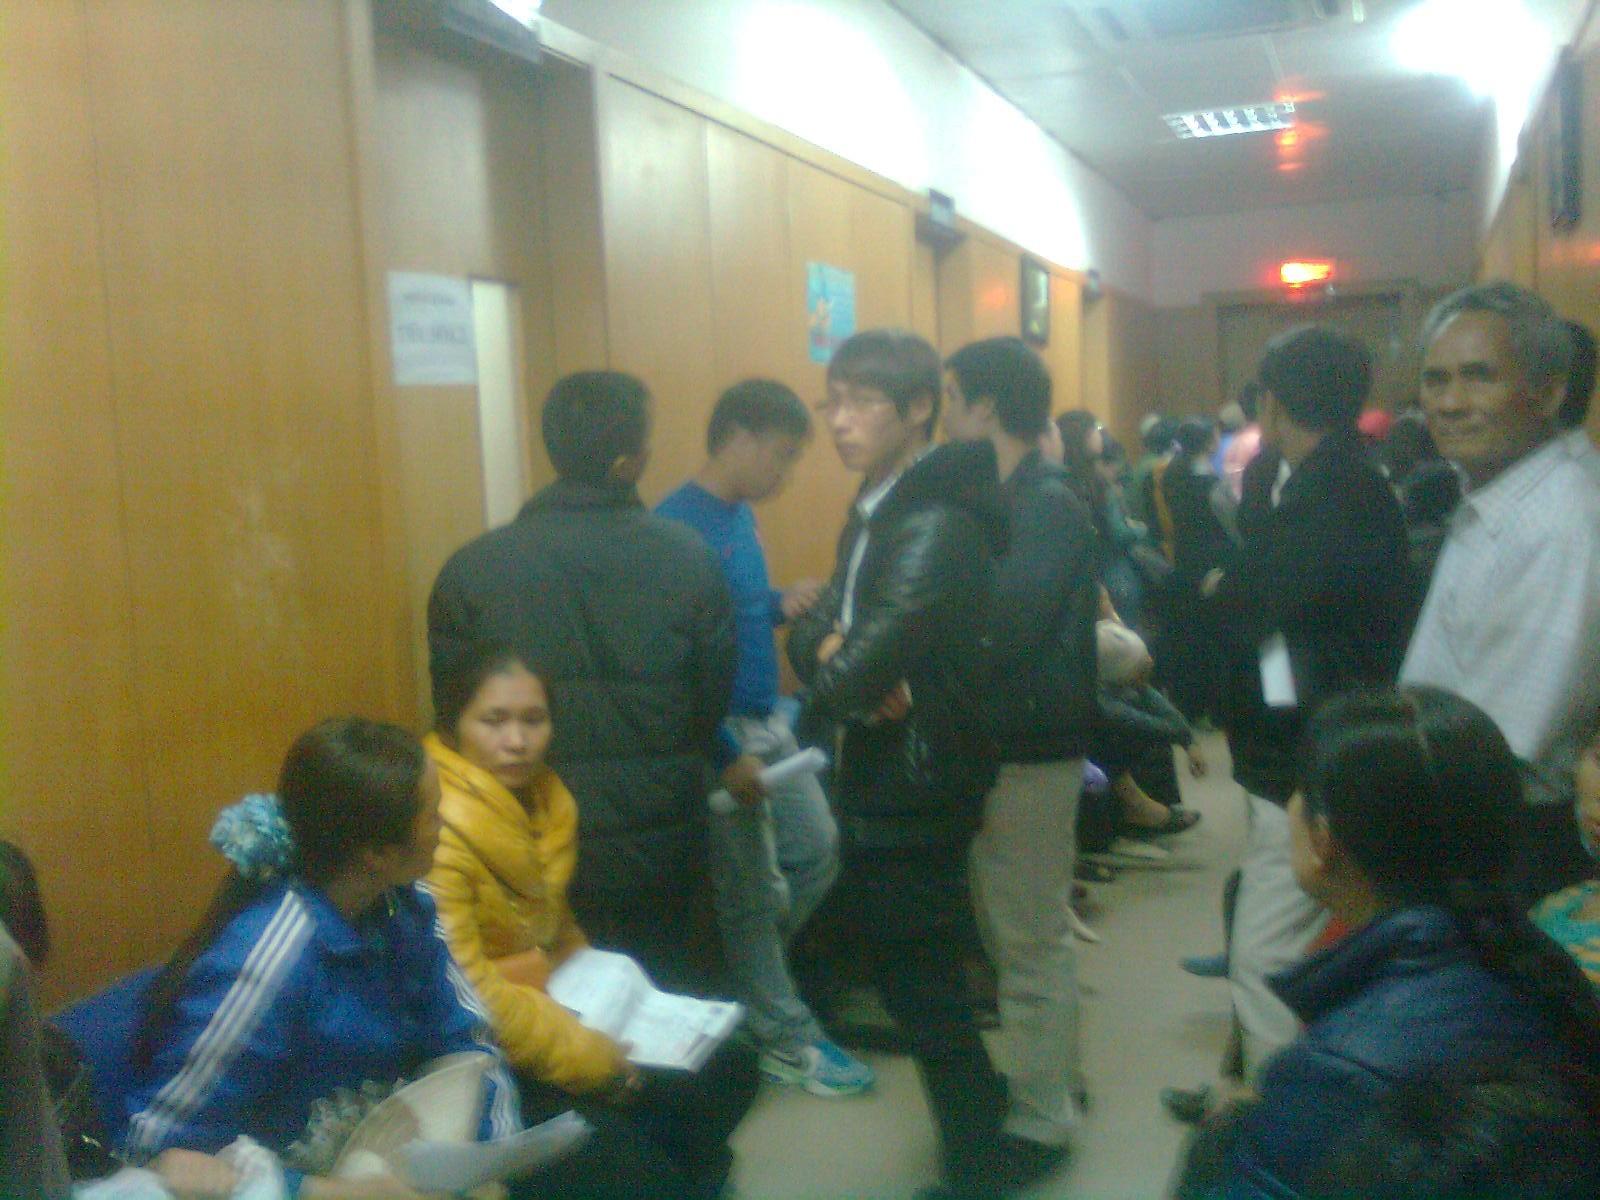 """""""Chầu trực"""" trước các phòng khám trong hành lang chật hẹp."""